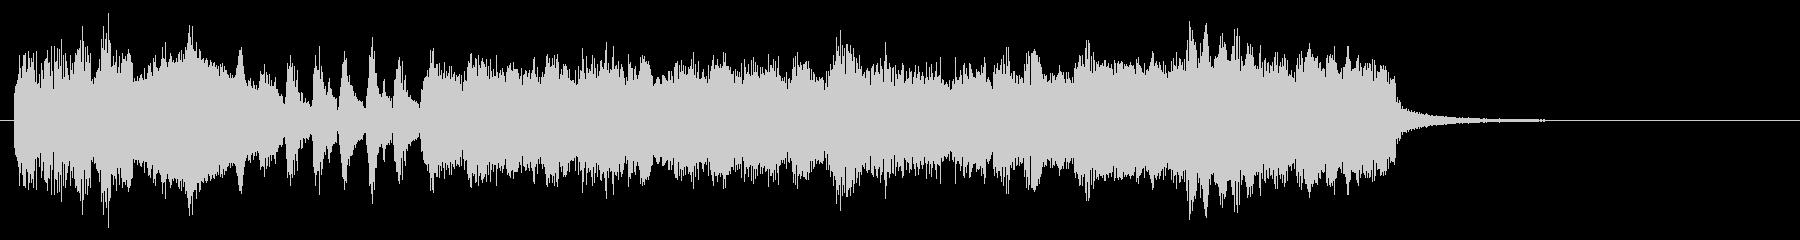 ラプソディインブルーのエンディングの一部の未再生の波形